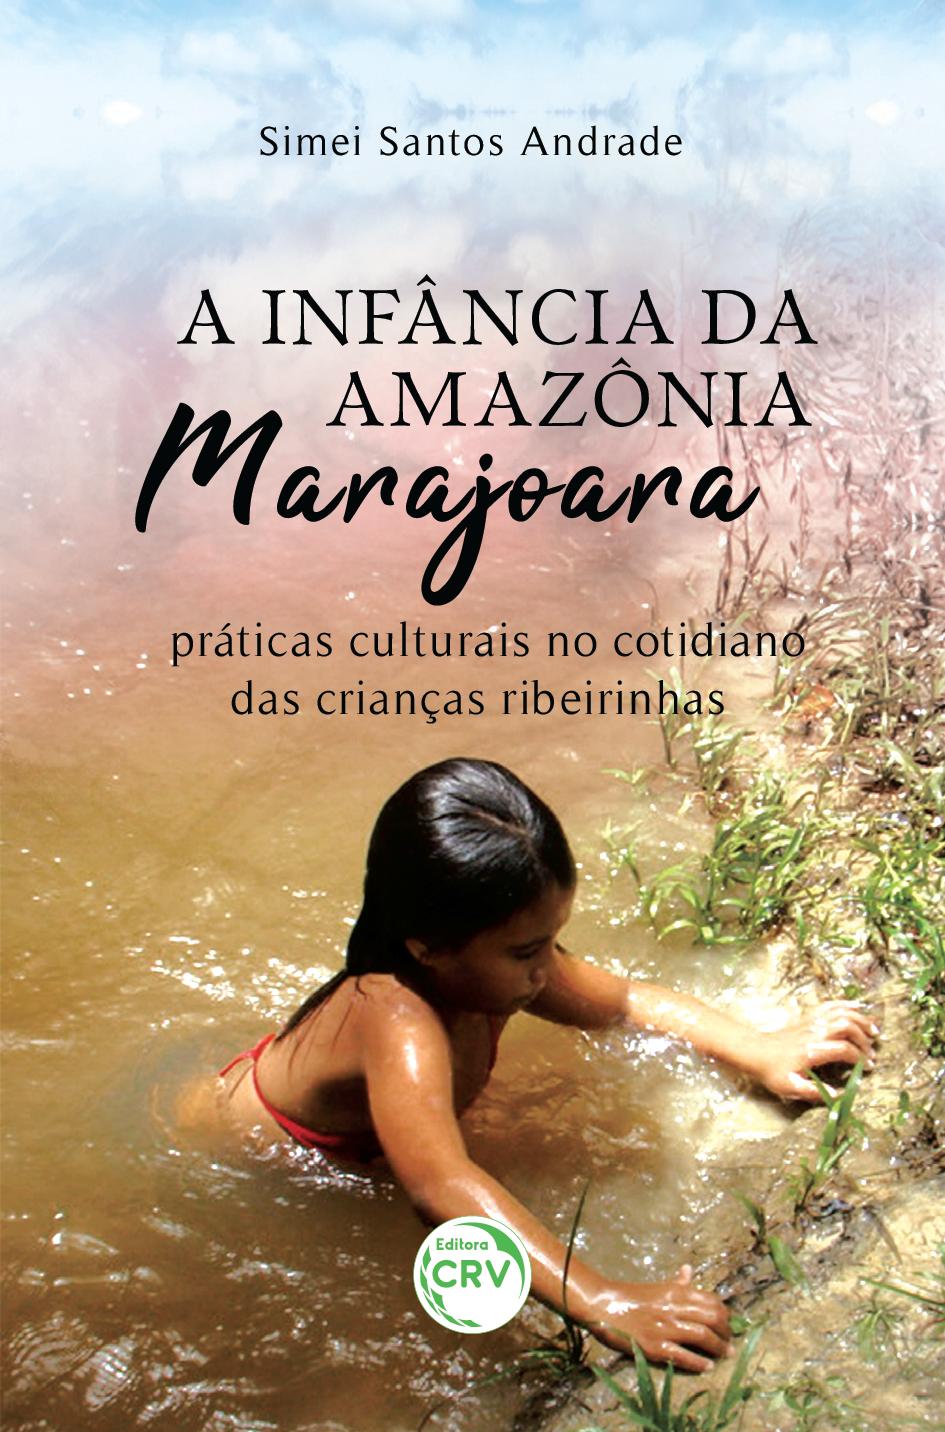 Capa do livro: A INFÂNCIA DA AMAZÔNIA MARAJOARA:  <br> práticas culturais no cotidiano das crianças ribeirinhas